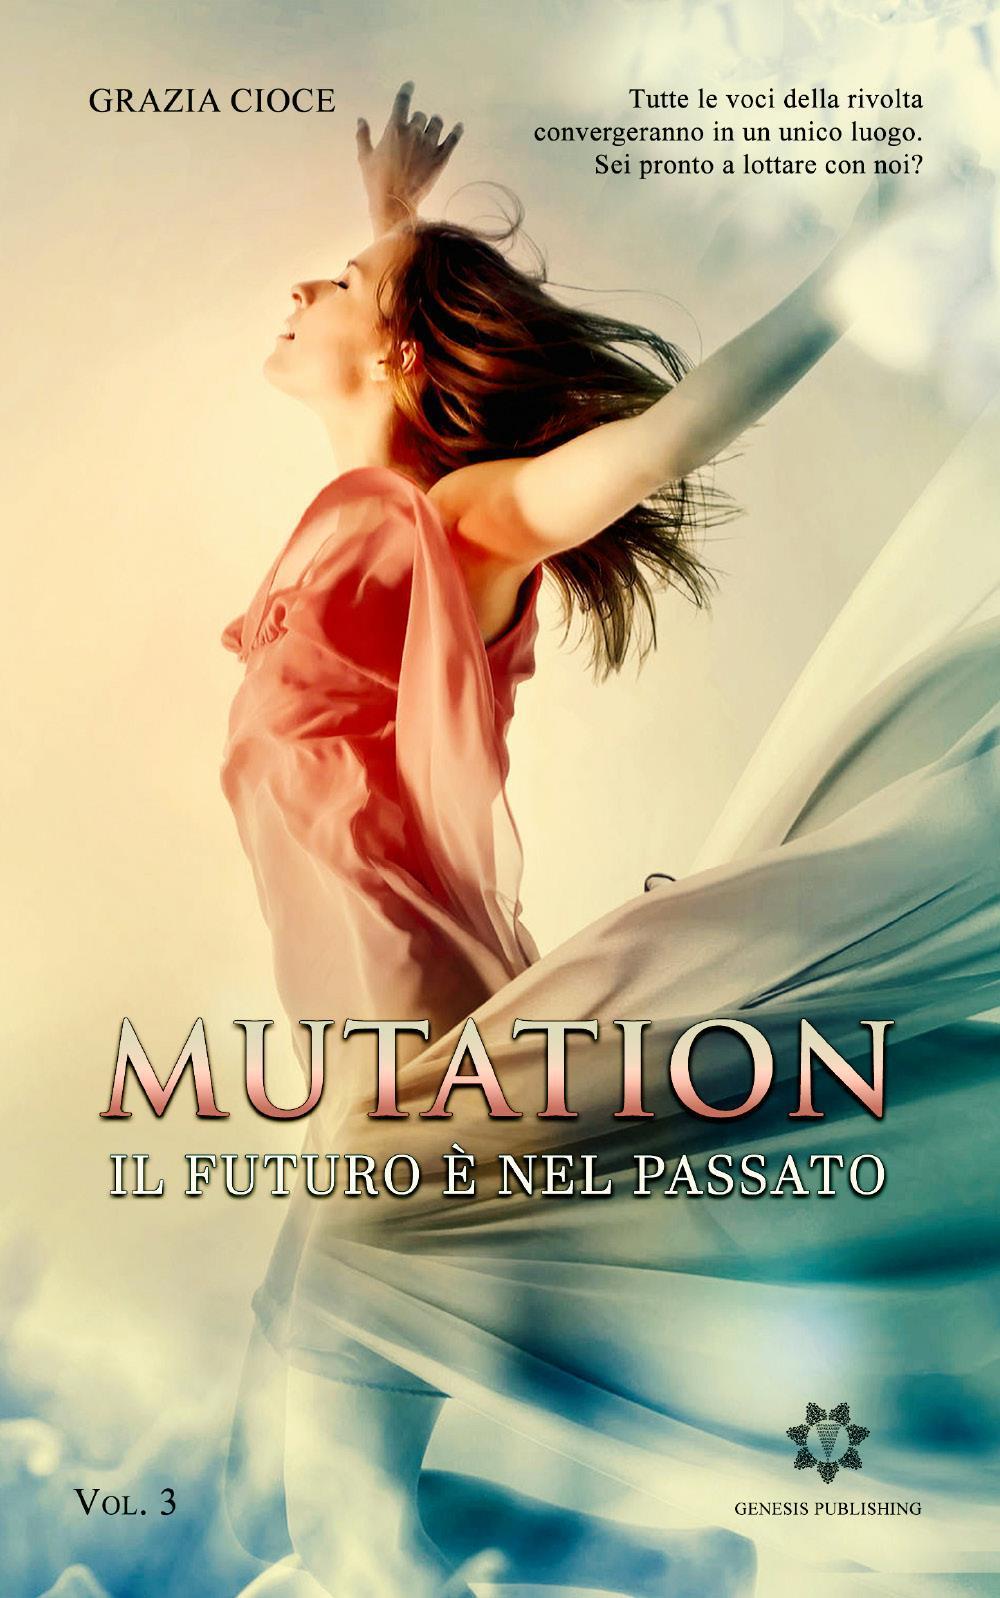 Mutation - Il futuro è nel passato